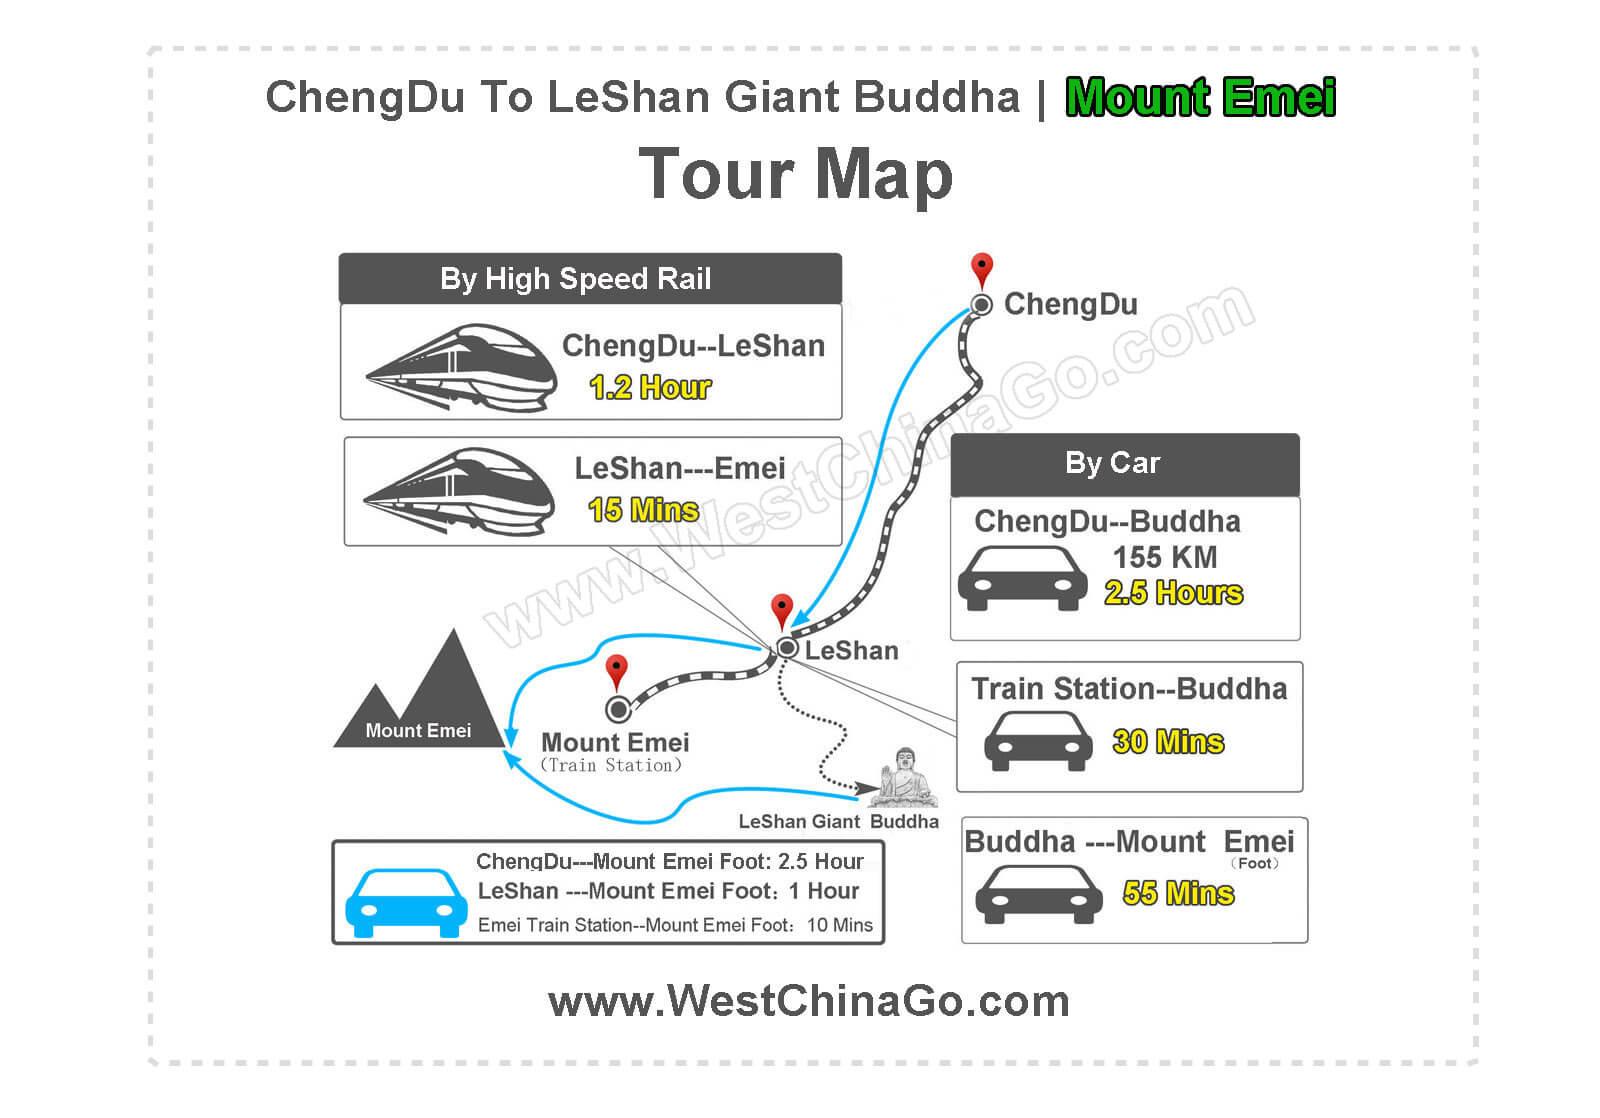 leshan buddha tourist map from chengdu